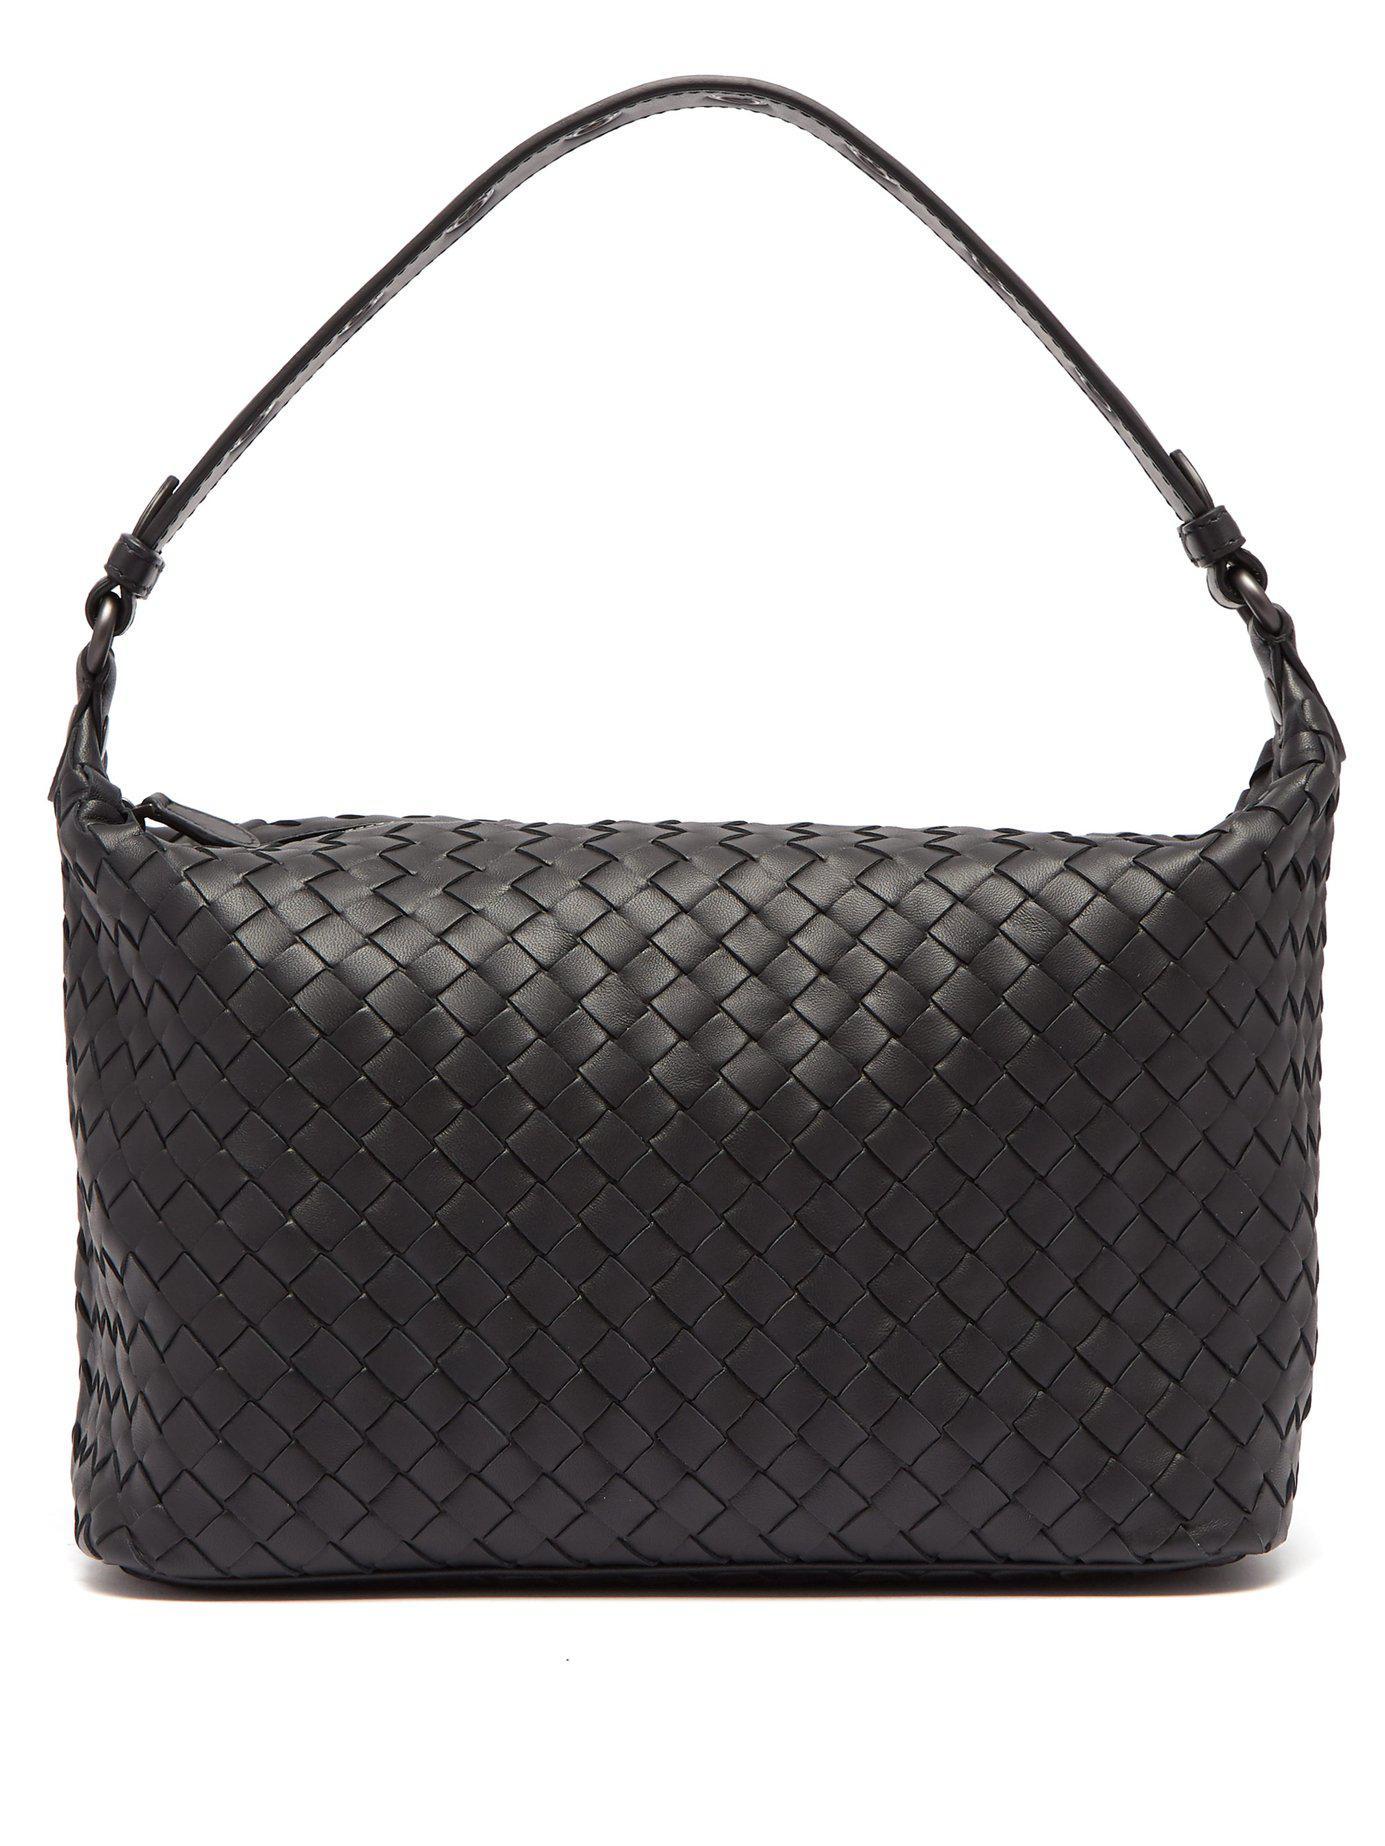 fdba52e6a3d5 Bottega Veneta. Women s Black Ciambrino Intrecciato Leather Shoulder Bag